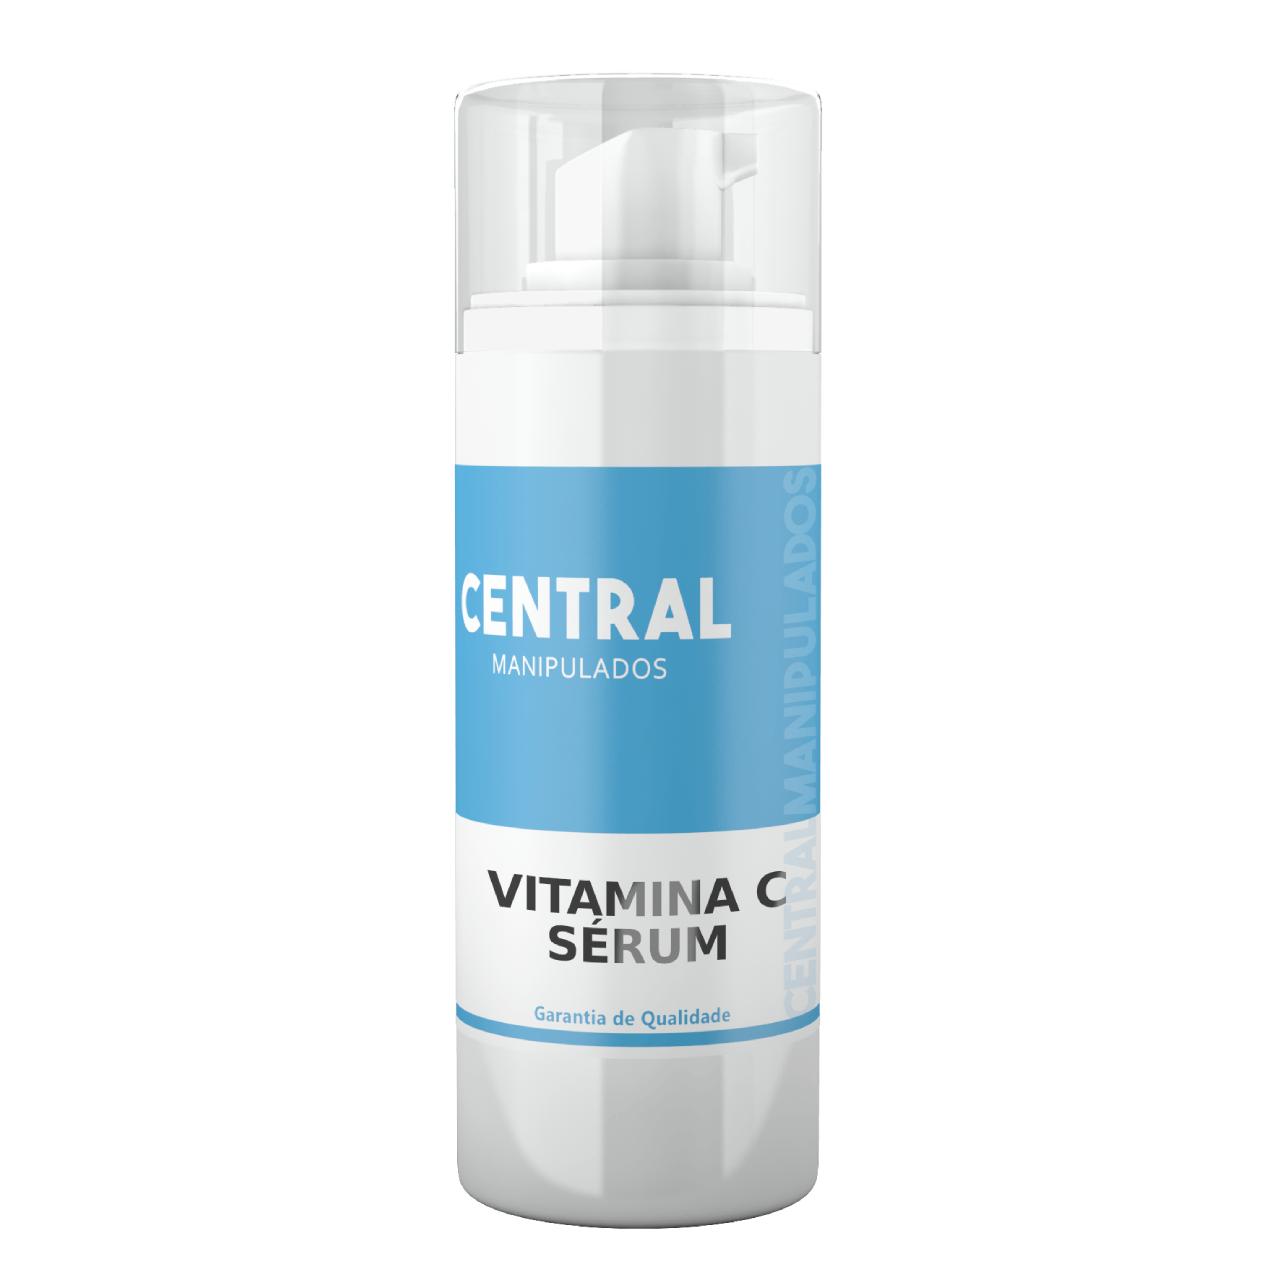 Vitamina C Pura - 30ml Sérum - Uniformização do tom da pele e Luminosidade, Diminuição dos sinais do envelhecimento, Redução da acne e olheiras